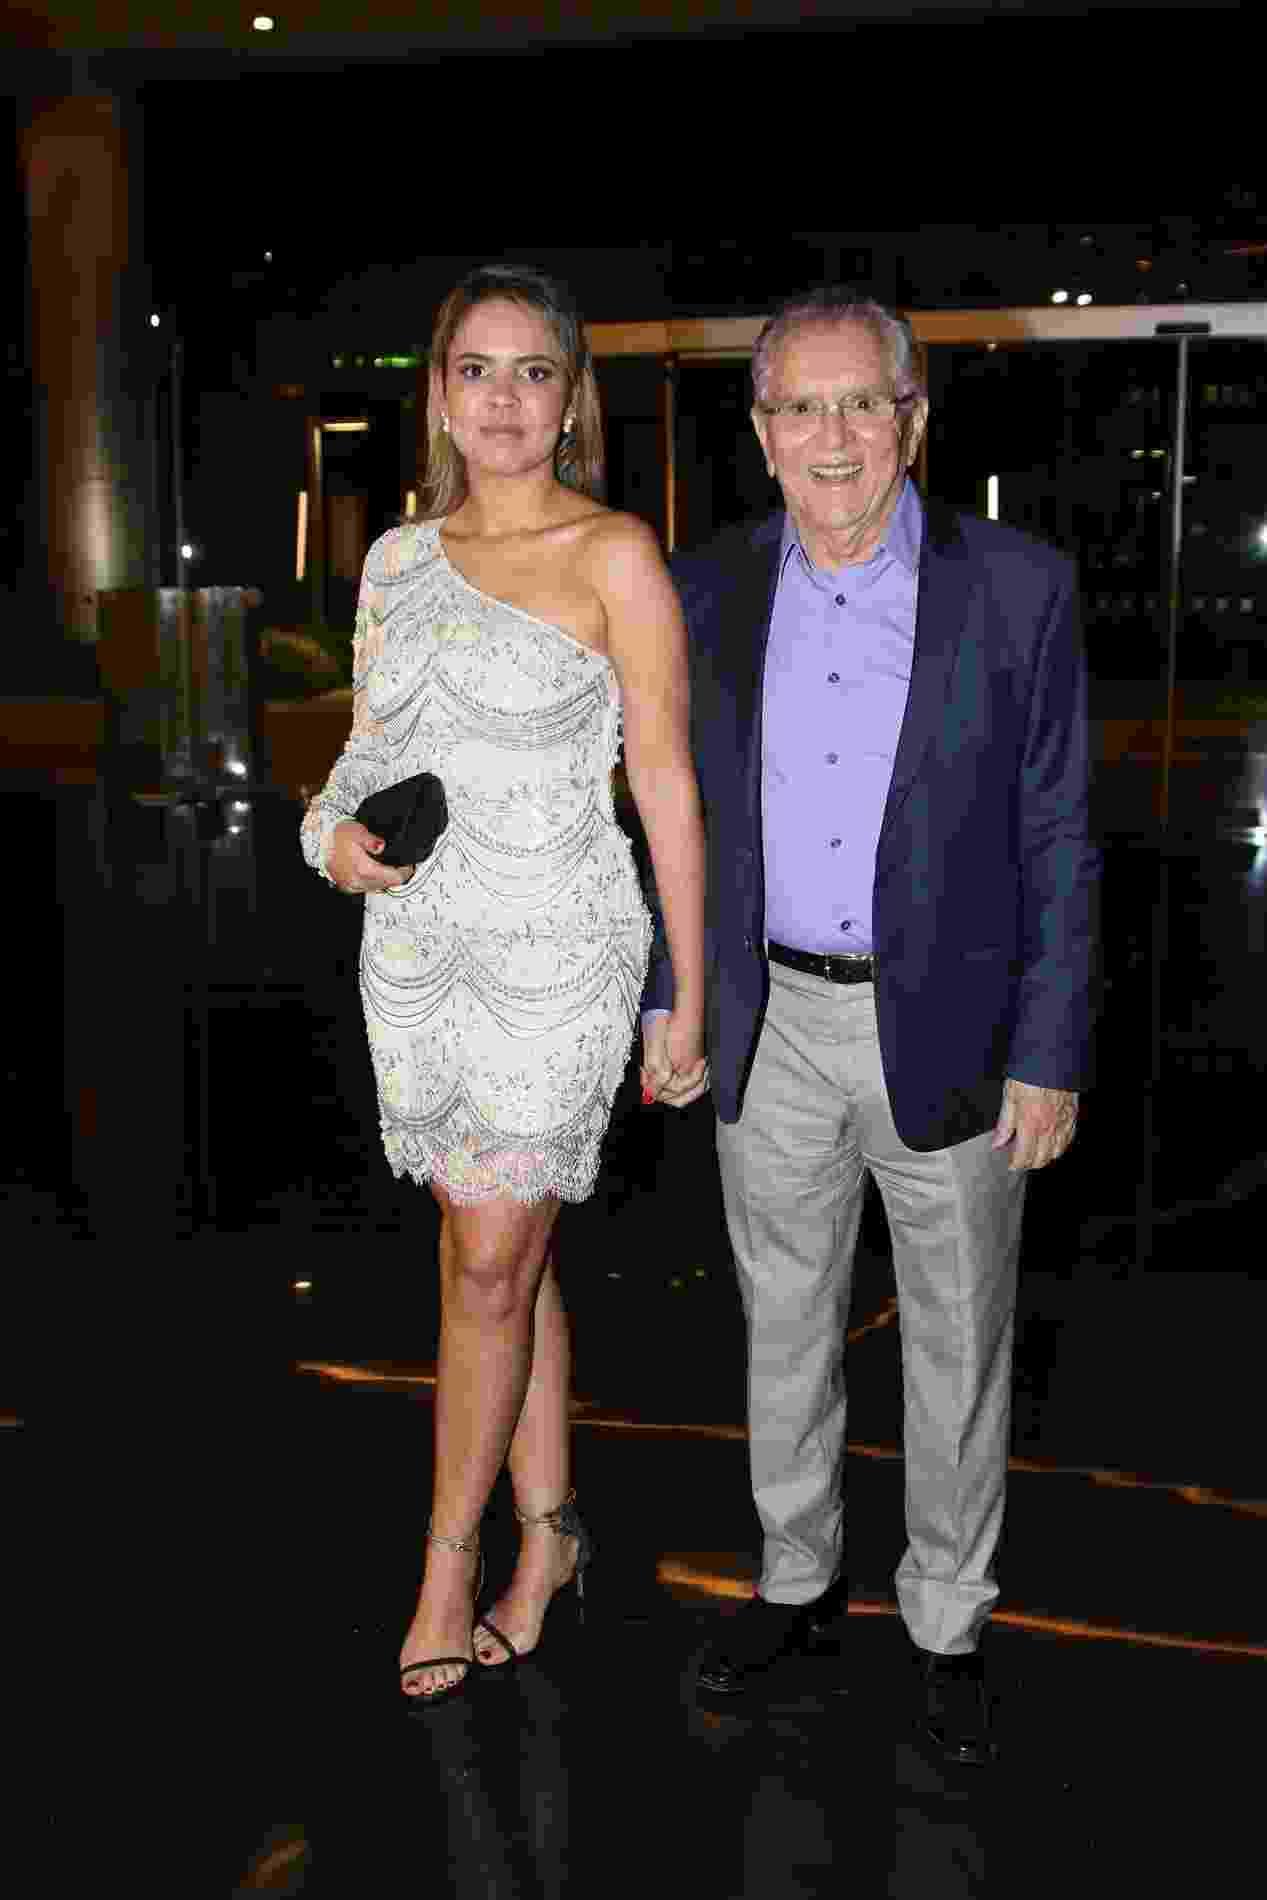 20.out.2016 - Carlos Alberto de Nóbrega comparece à festa de aniversário do Rodrigo Faro com a nova namorada, a médica Renata - Thiago Duran/AgNews